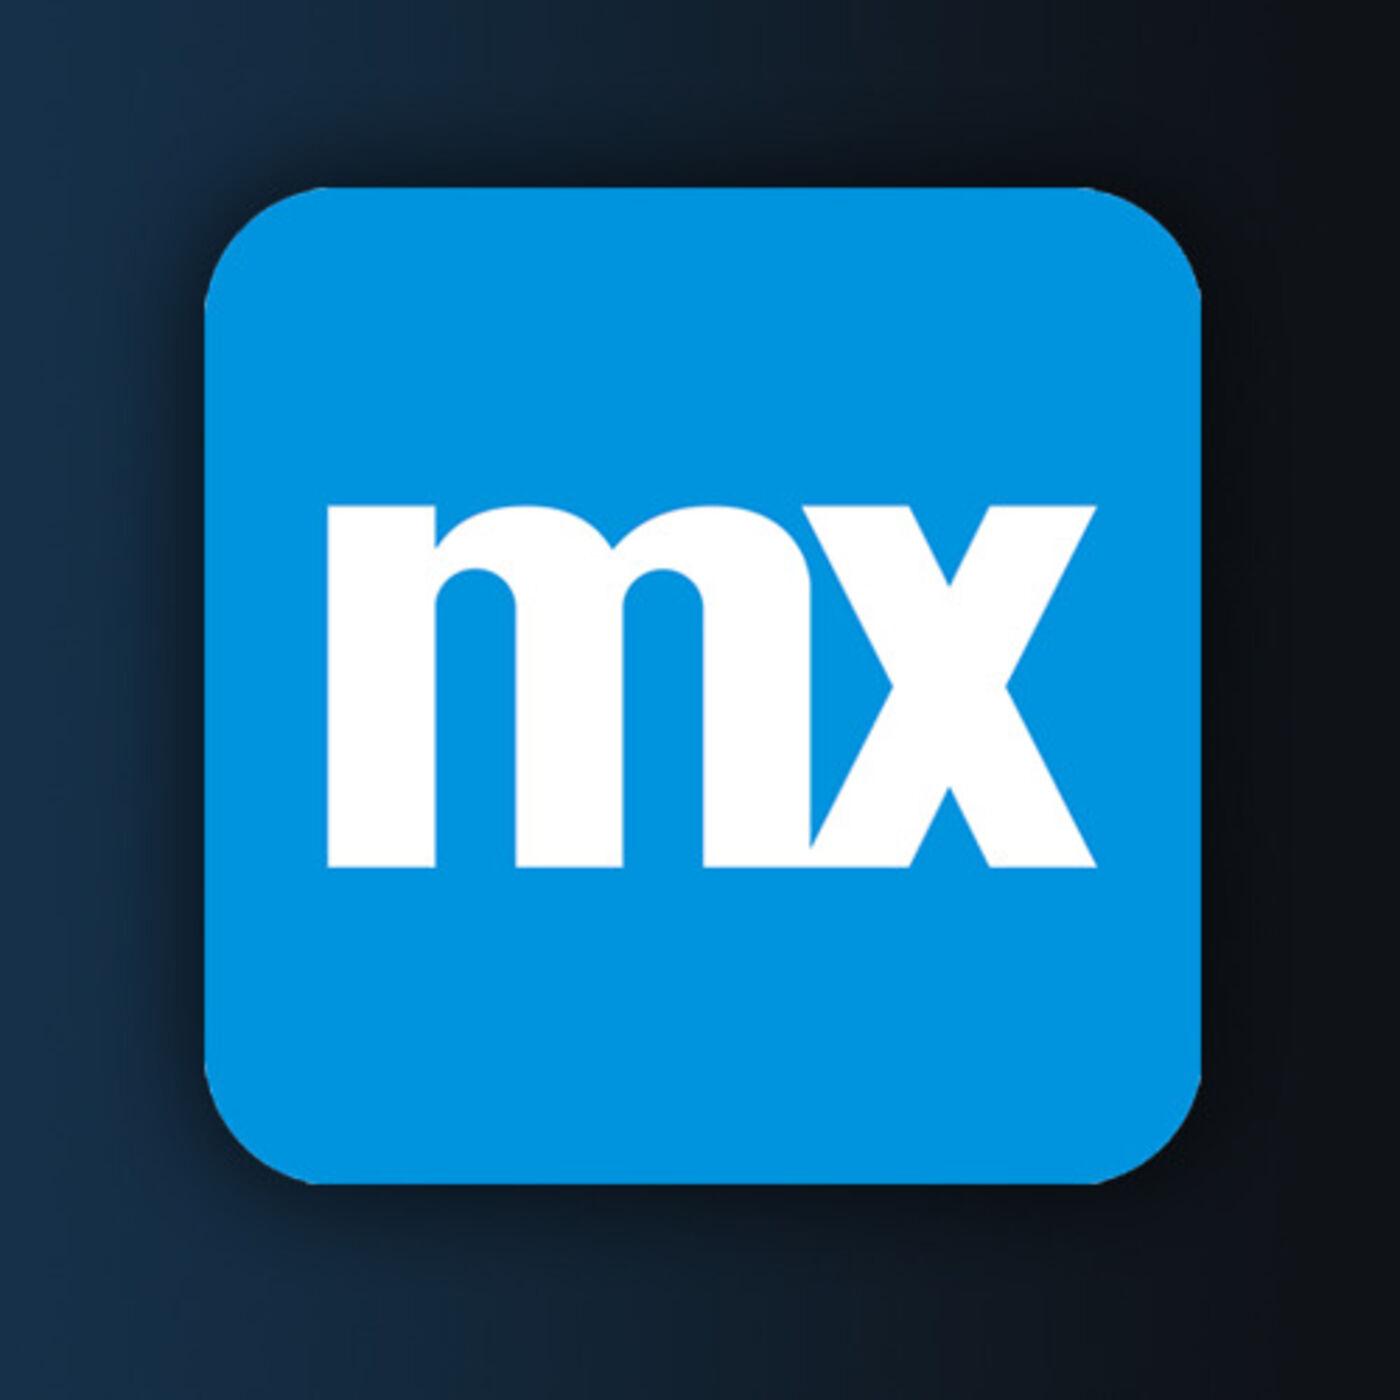 25: Low code: Mendix met Jan de Vries en Samet Kaya